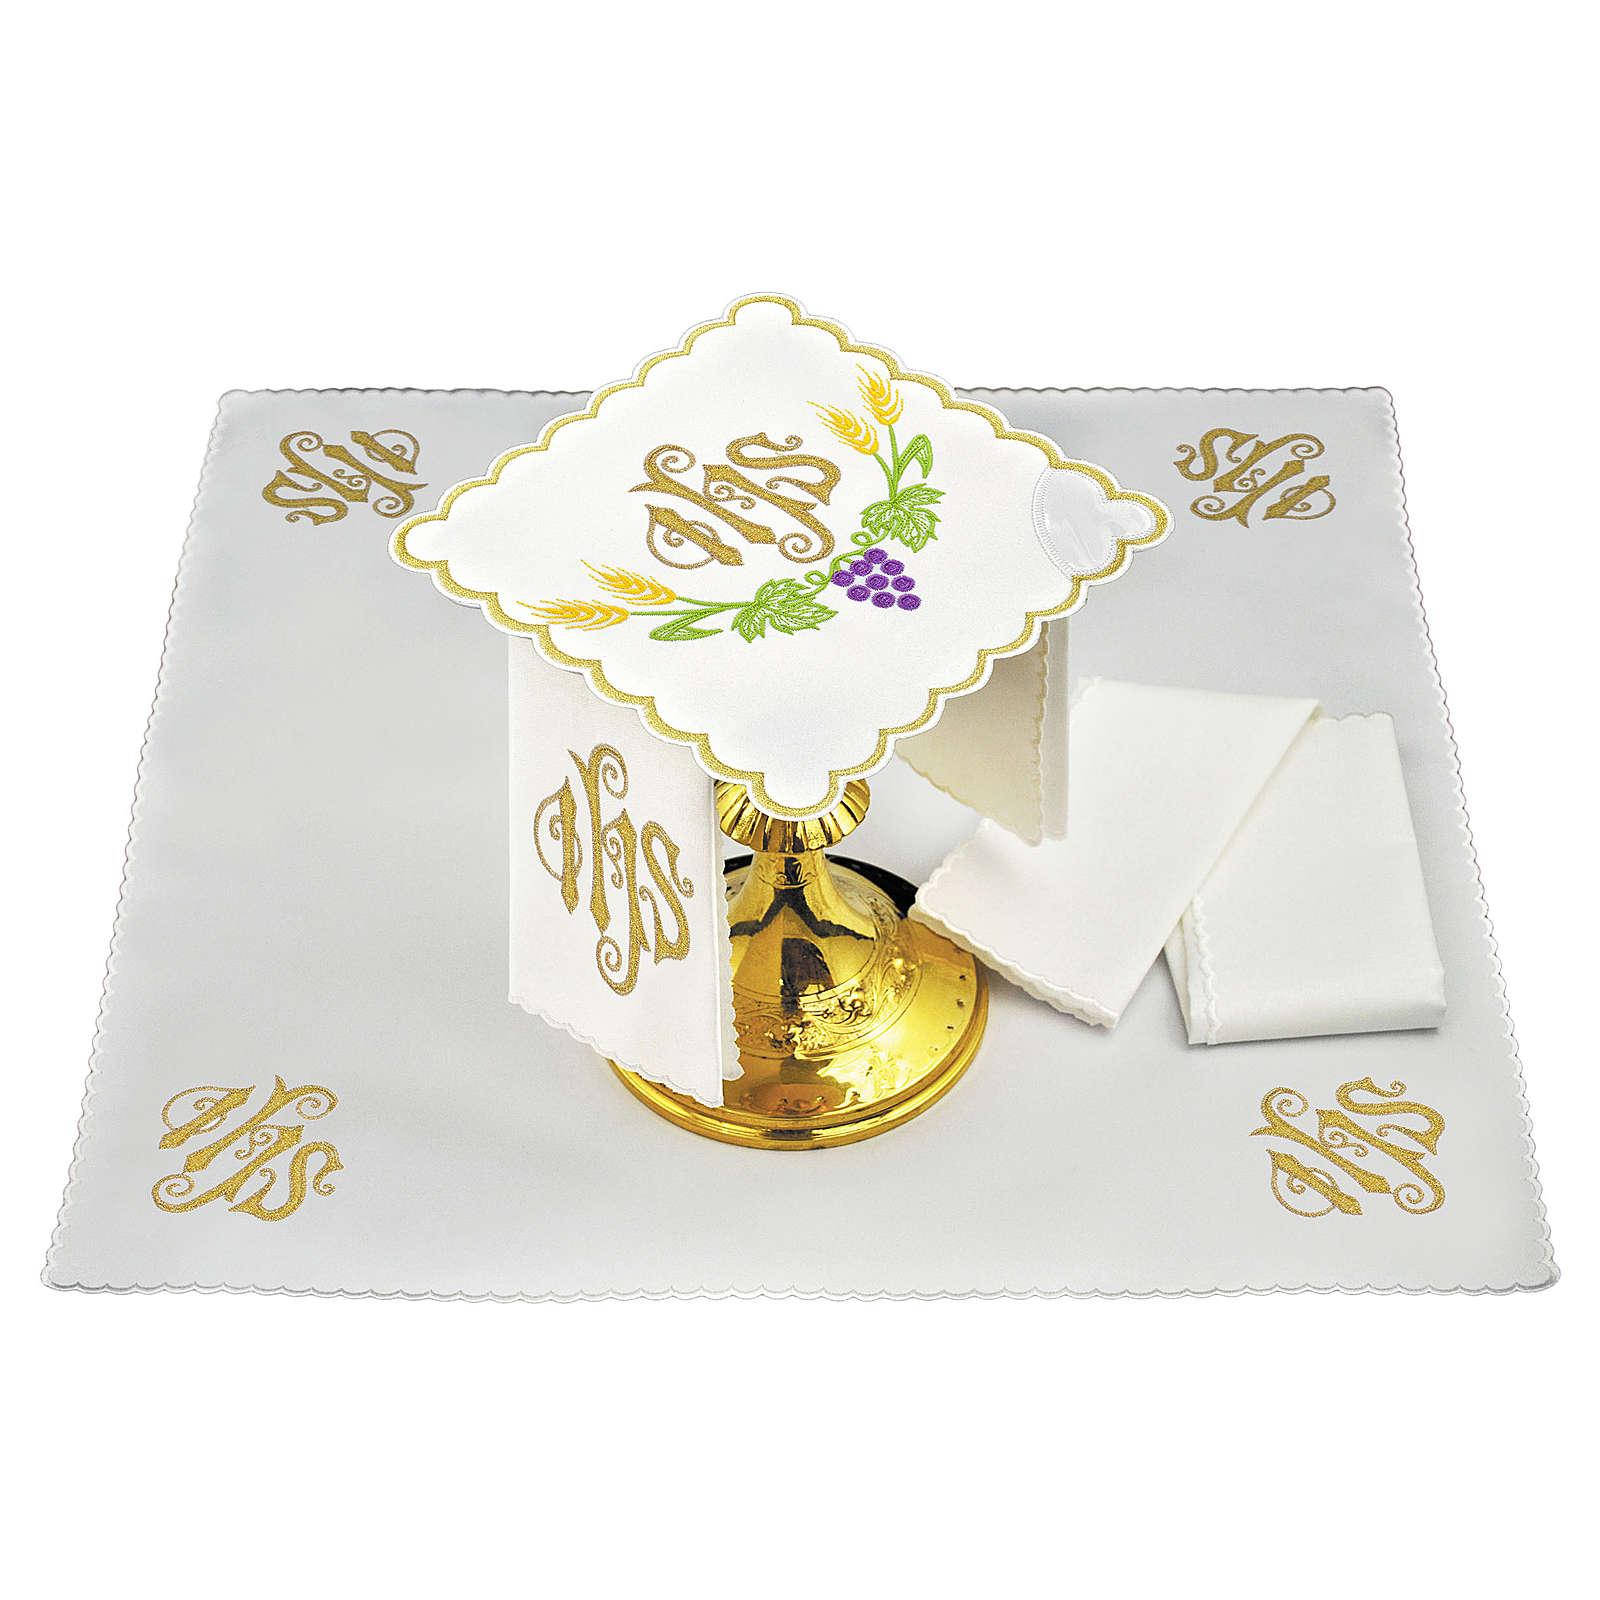 Servicio de altar hilo JHS espigas amarillas uva violeta 4